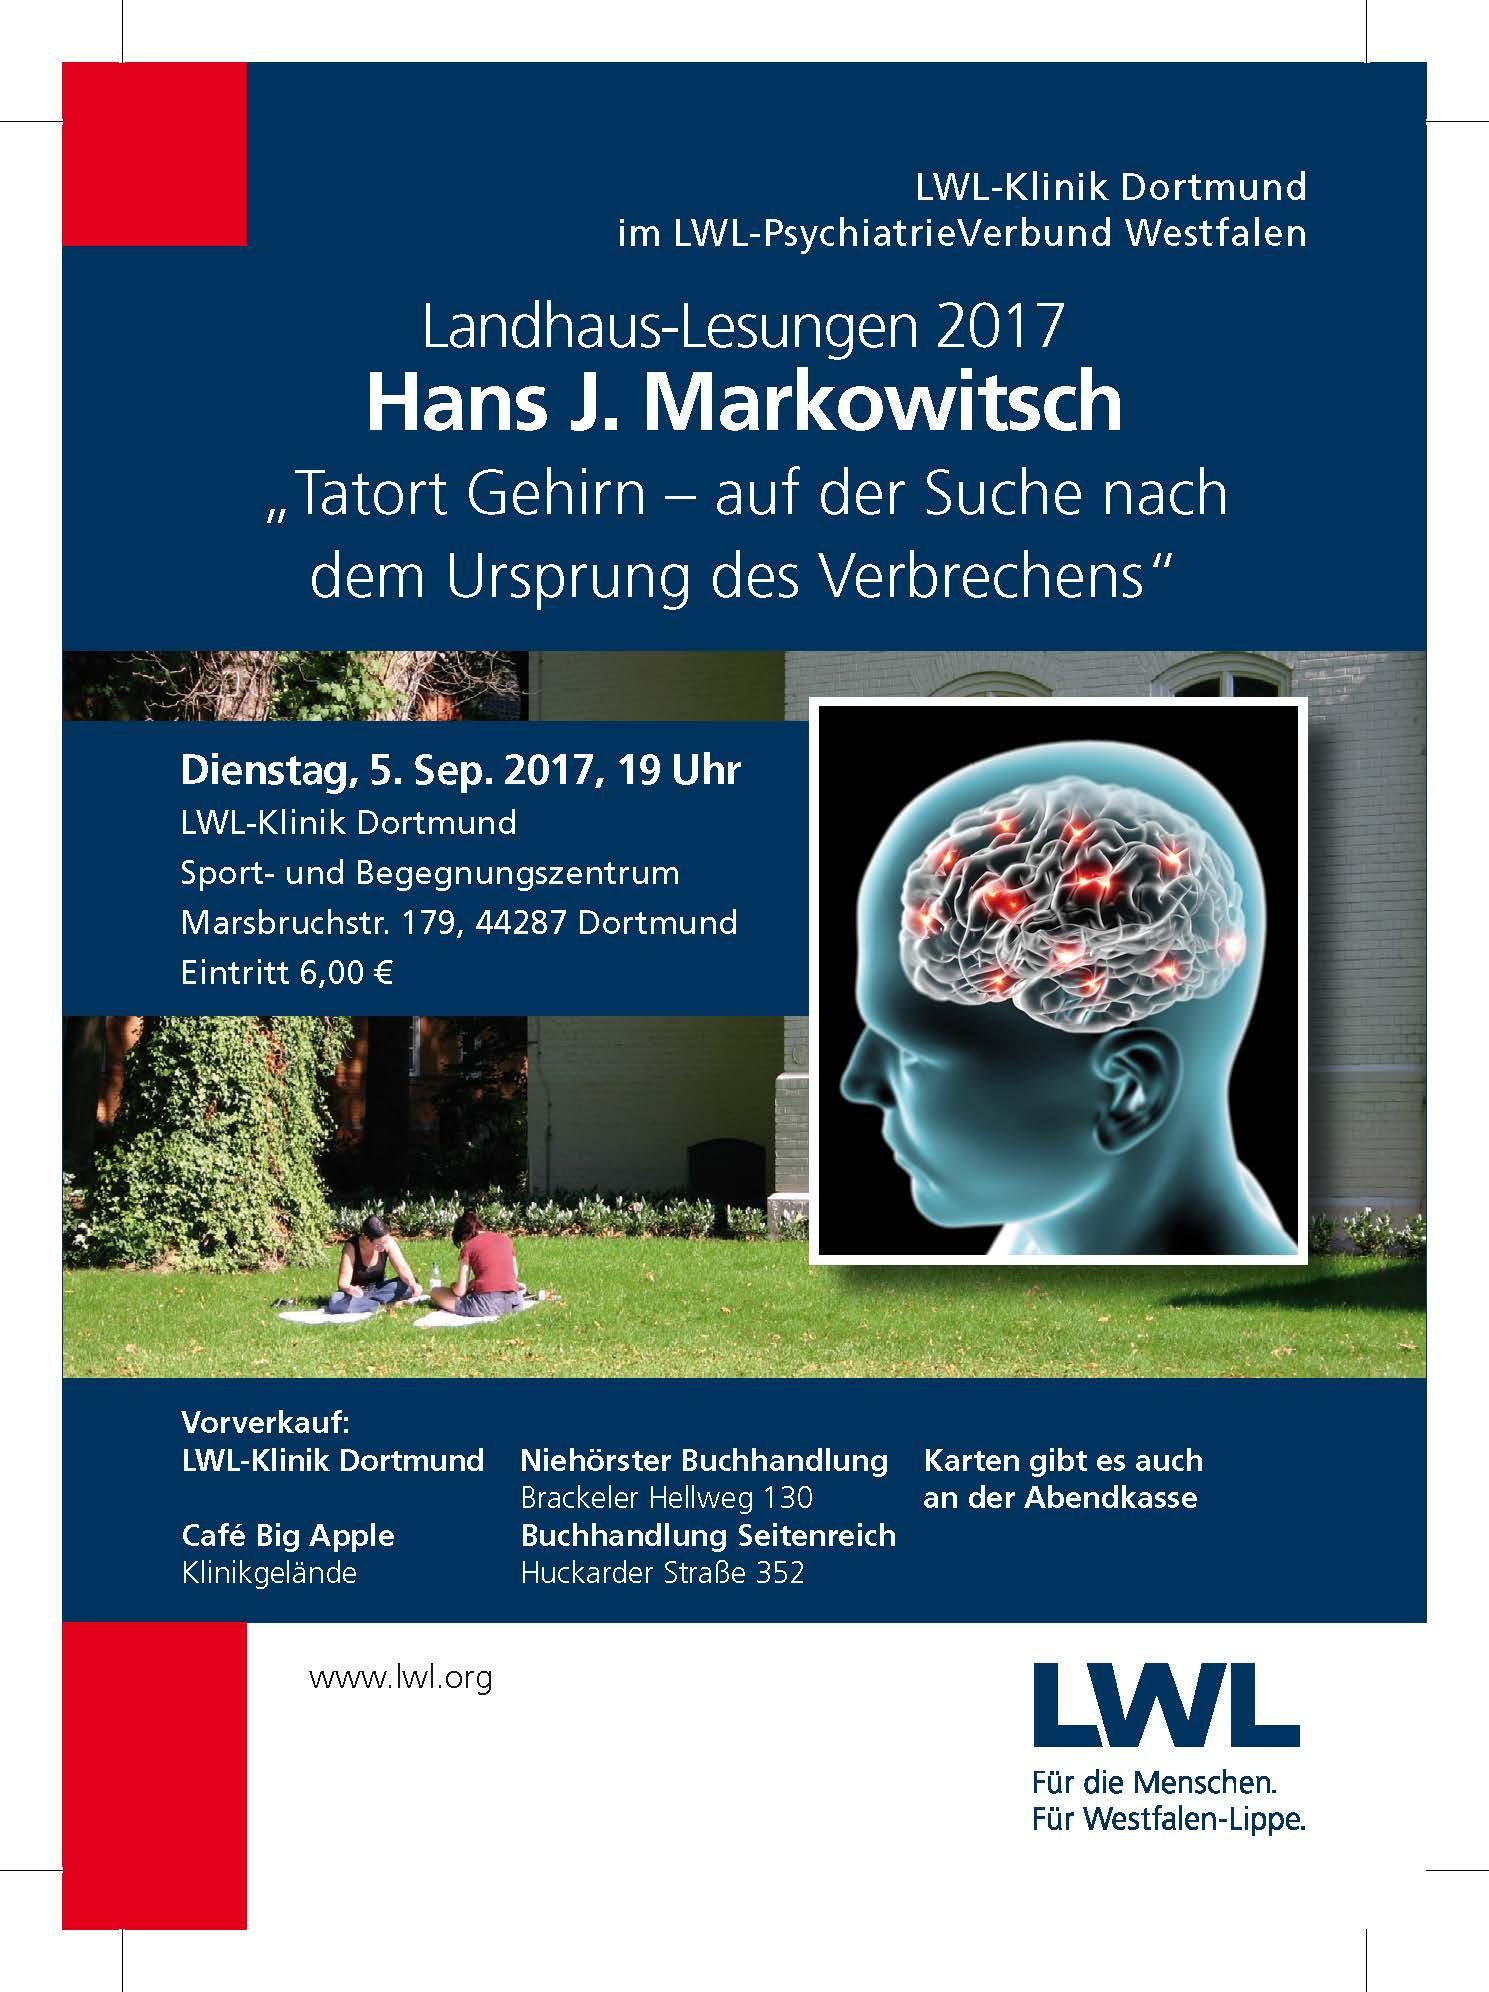 """Spannung bei zwei Landhaus-Lesungen in der LWL-Klinik: Psychiater und Psychologen auf der Suche nach dem """"Täter-Profil"""""""